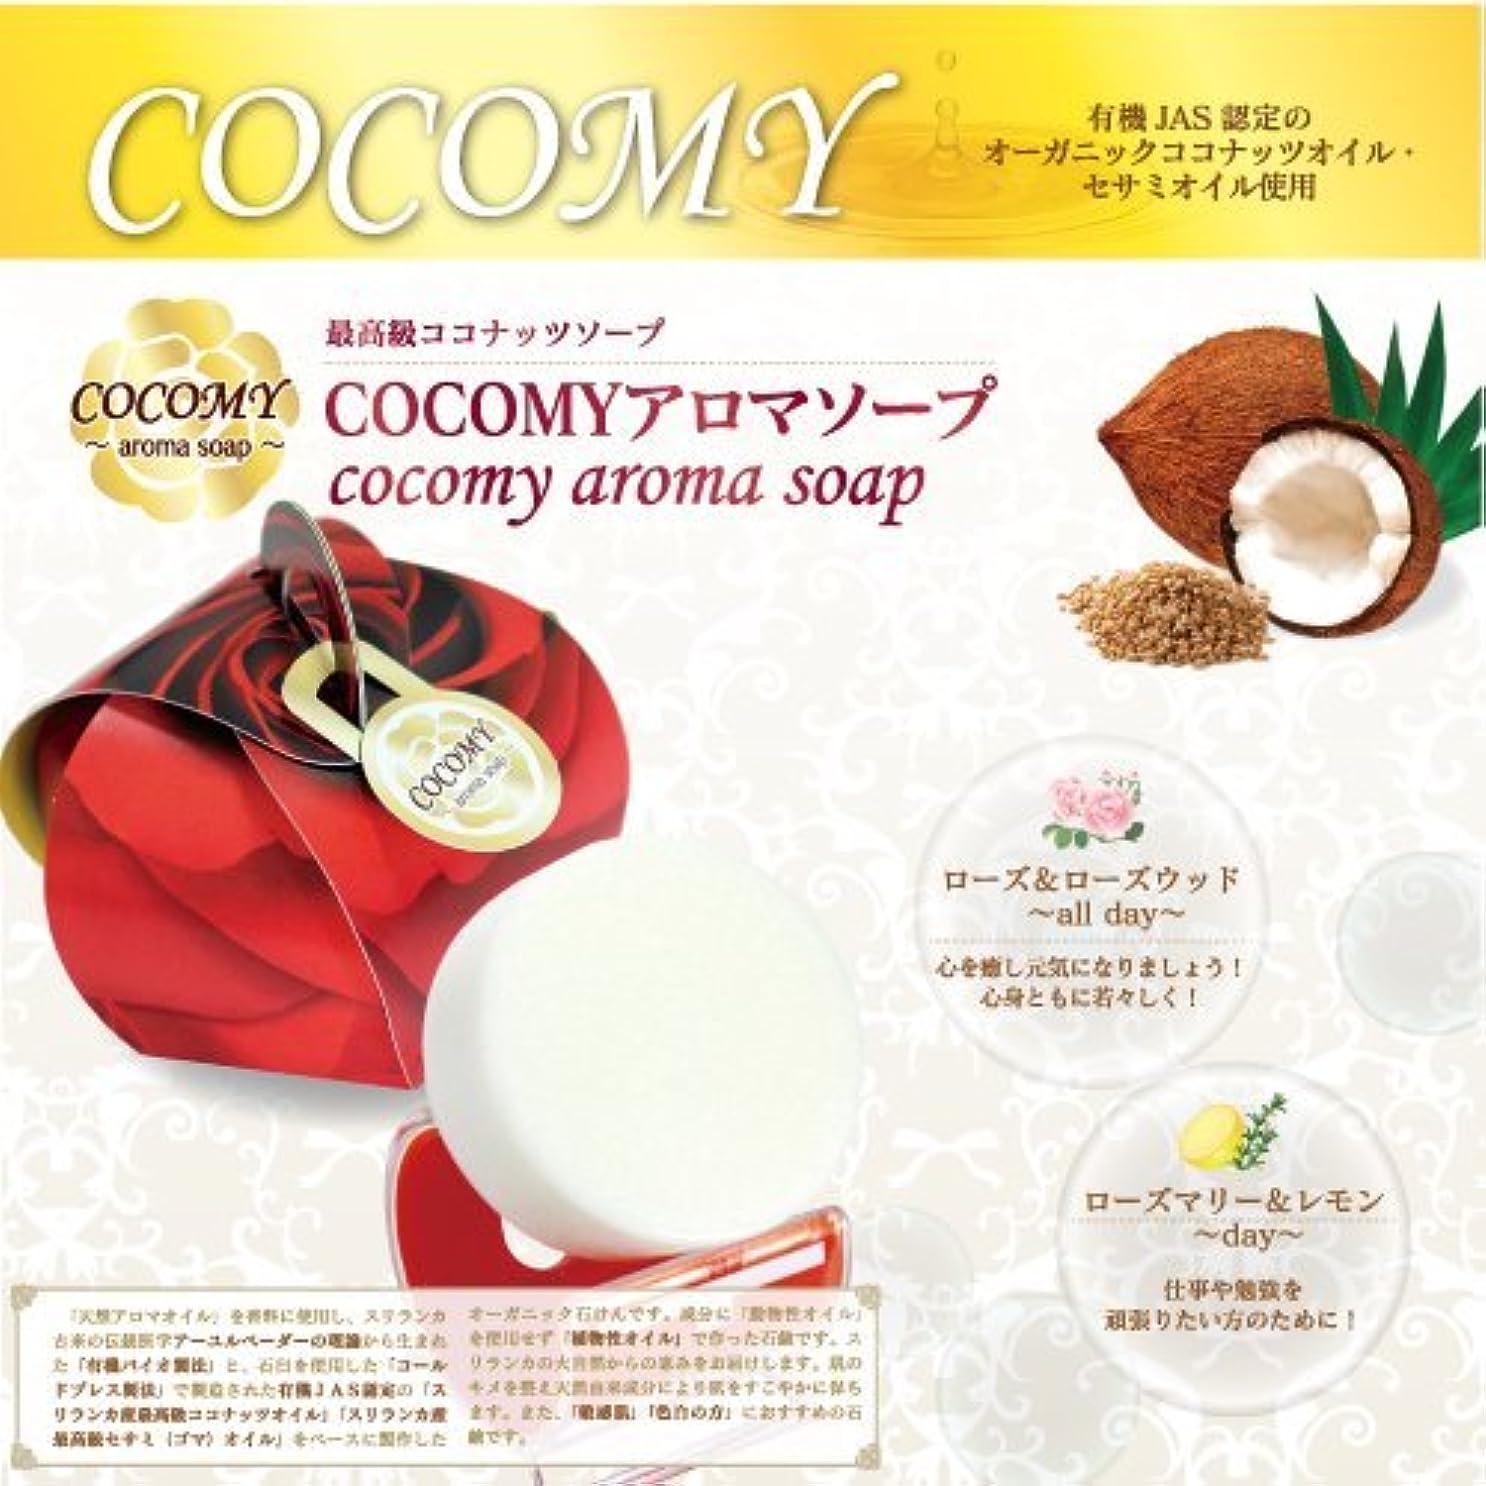 未就学かかわらず生COCOMY aromaソープ 4個セット (ローズマリー&レモン)(ローズ&ローズウッド) 40g×各2